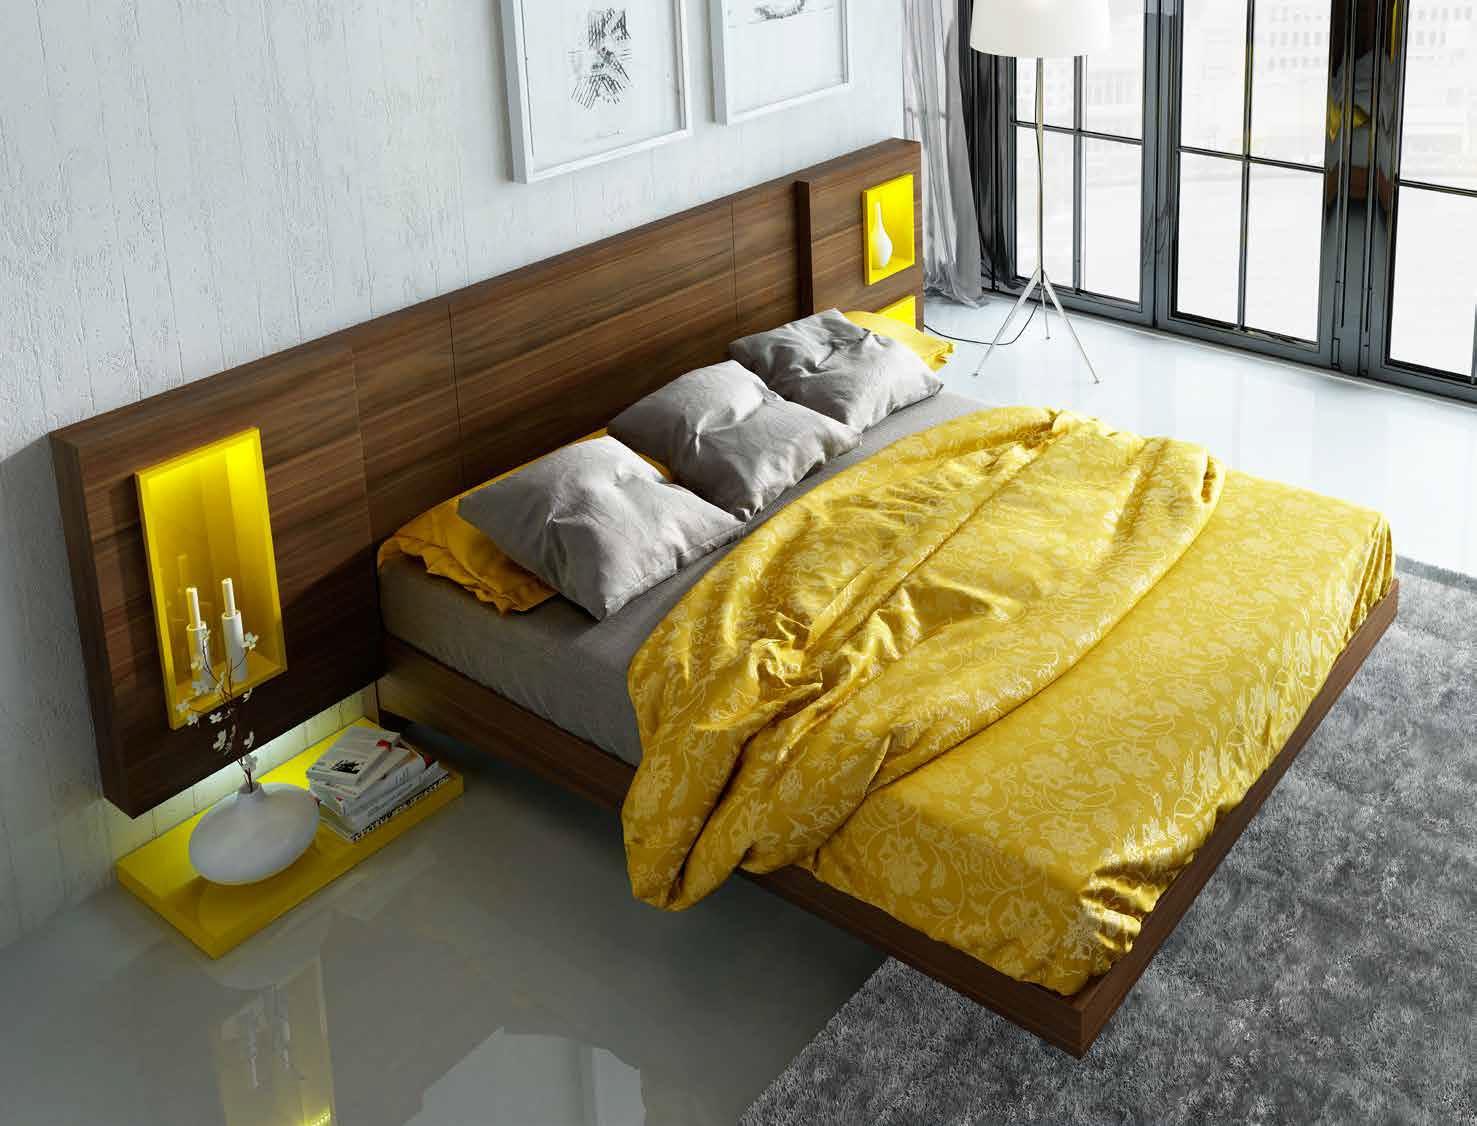 dormitorios-modernos-Vanessa-Dormitorio-muebles-paco-caballero-713-5cf10779b2bf0